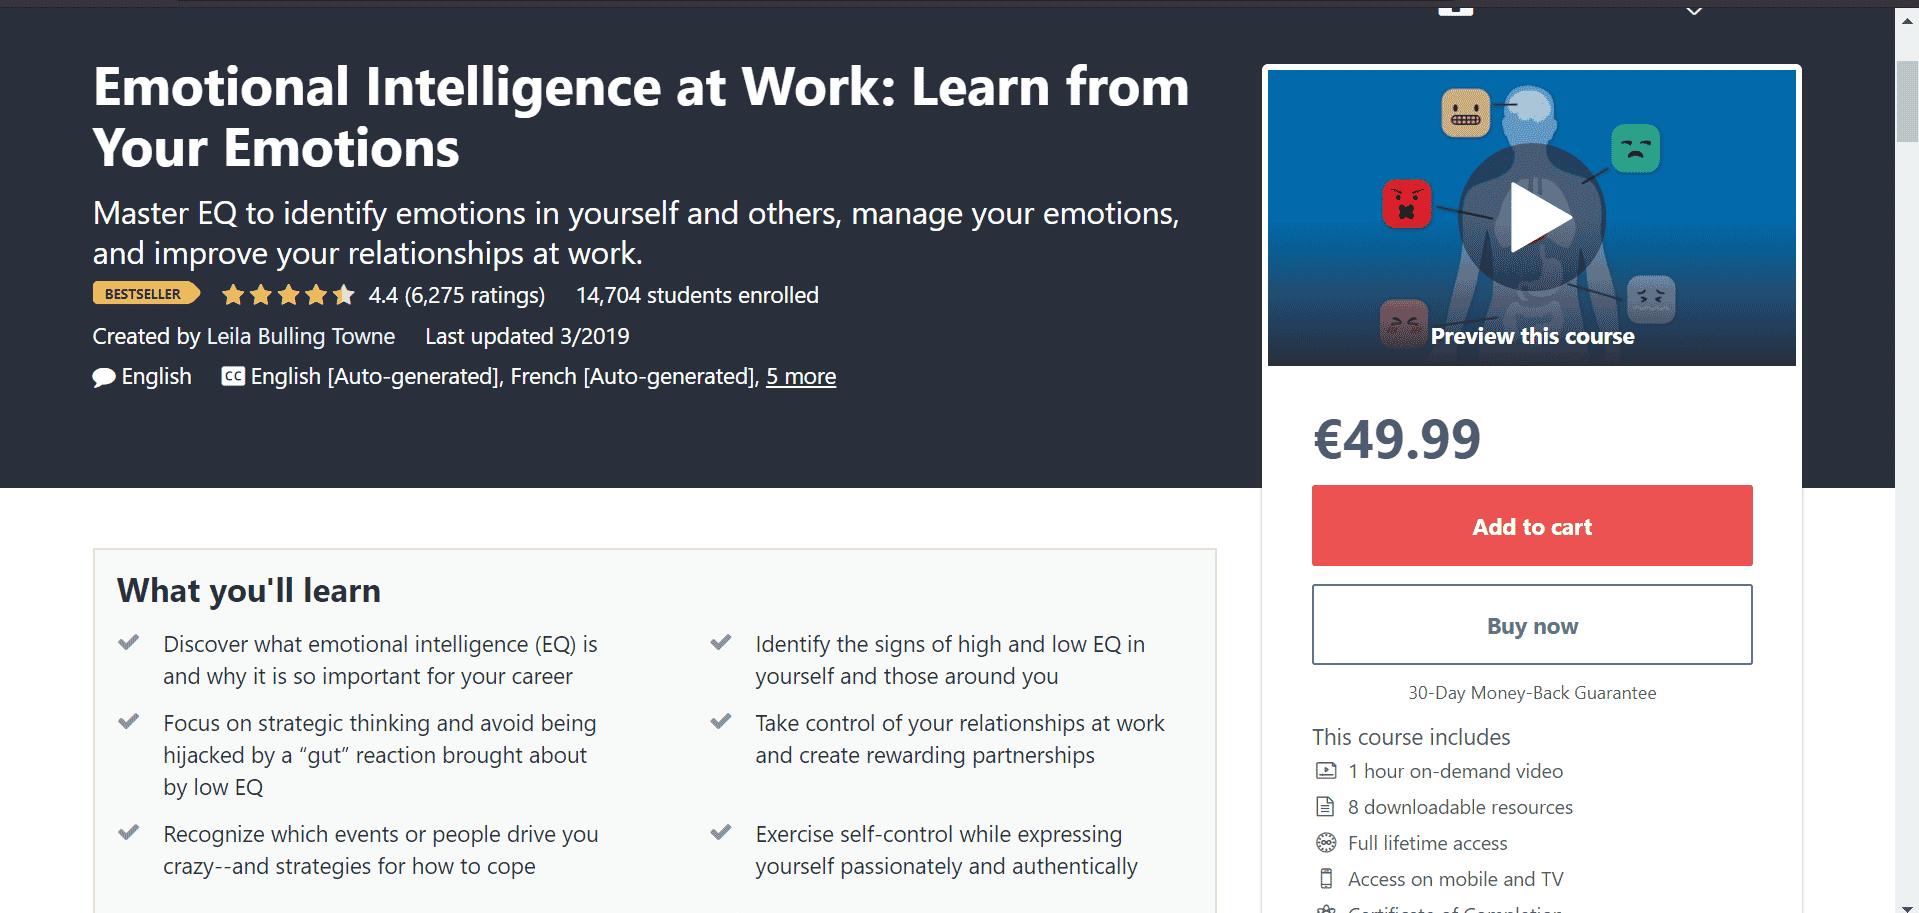 udemy course description page